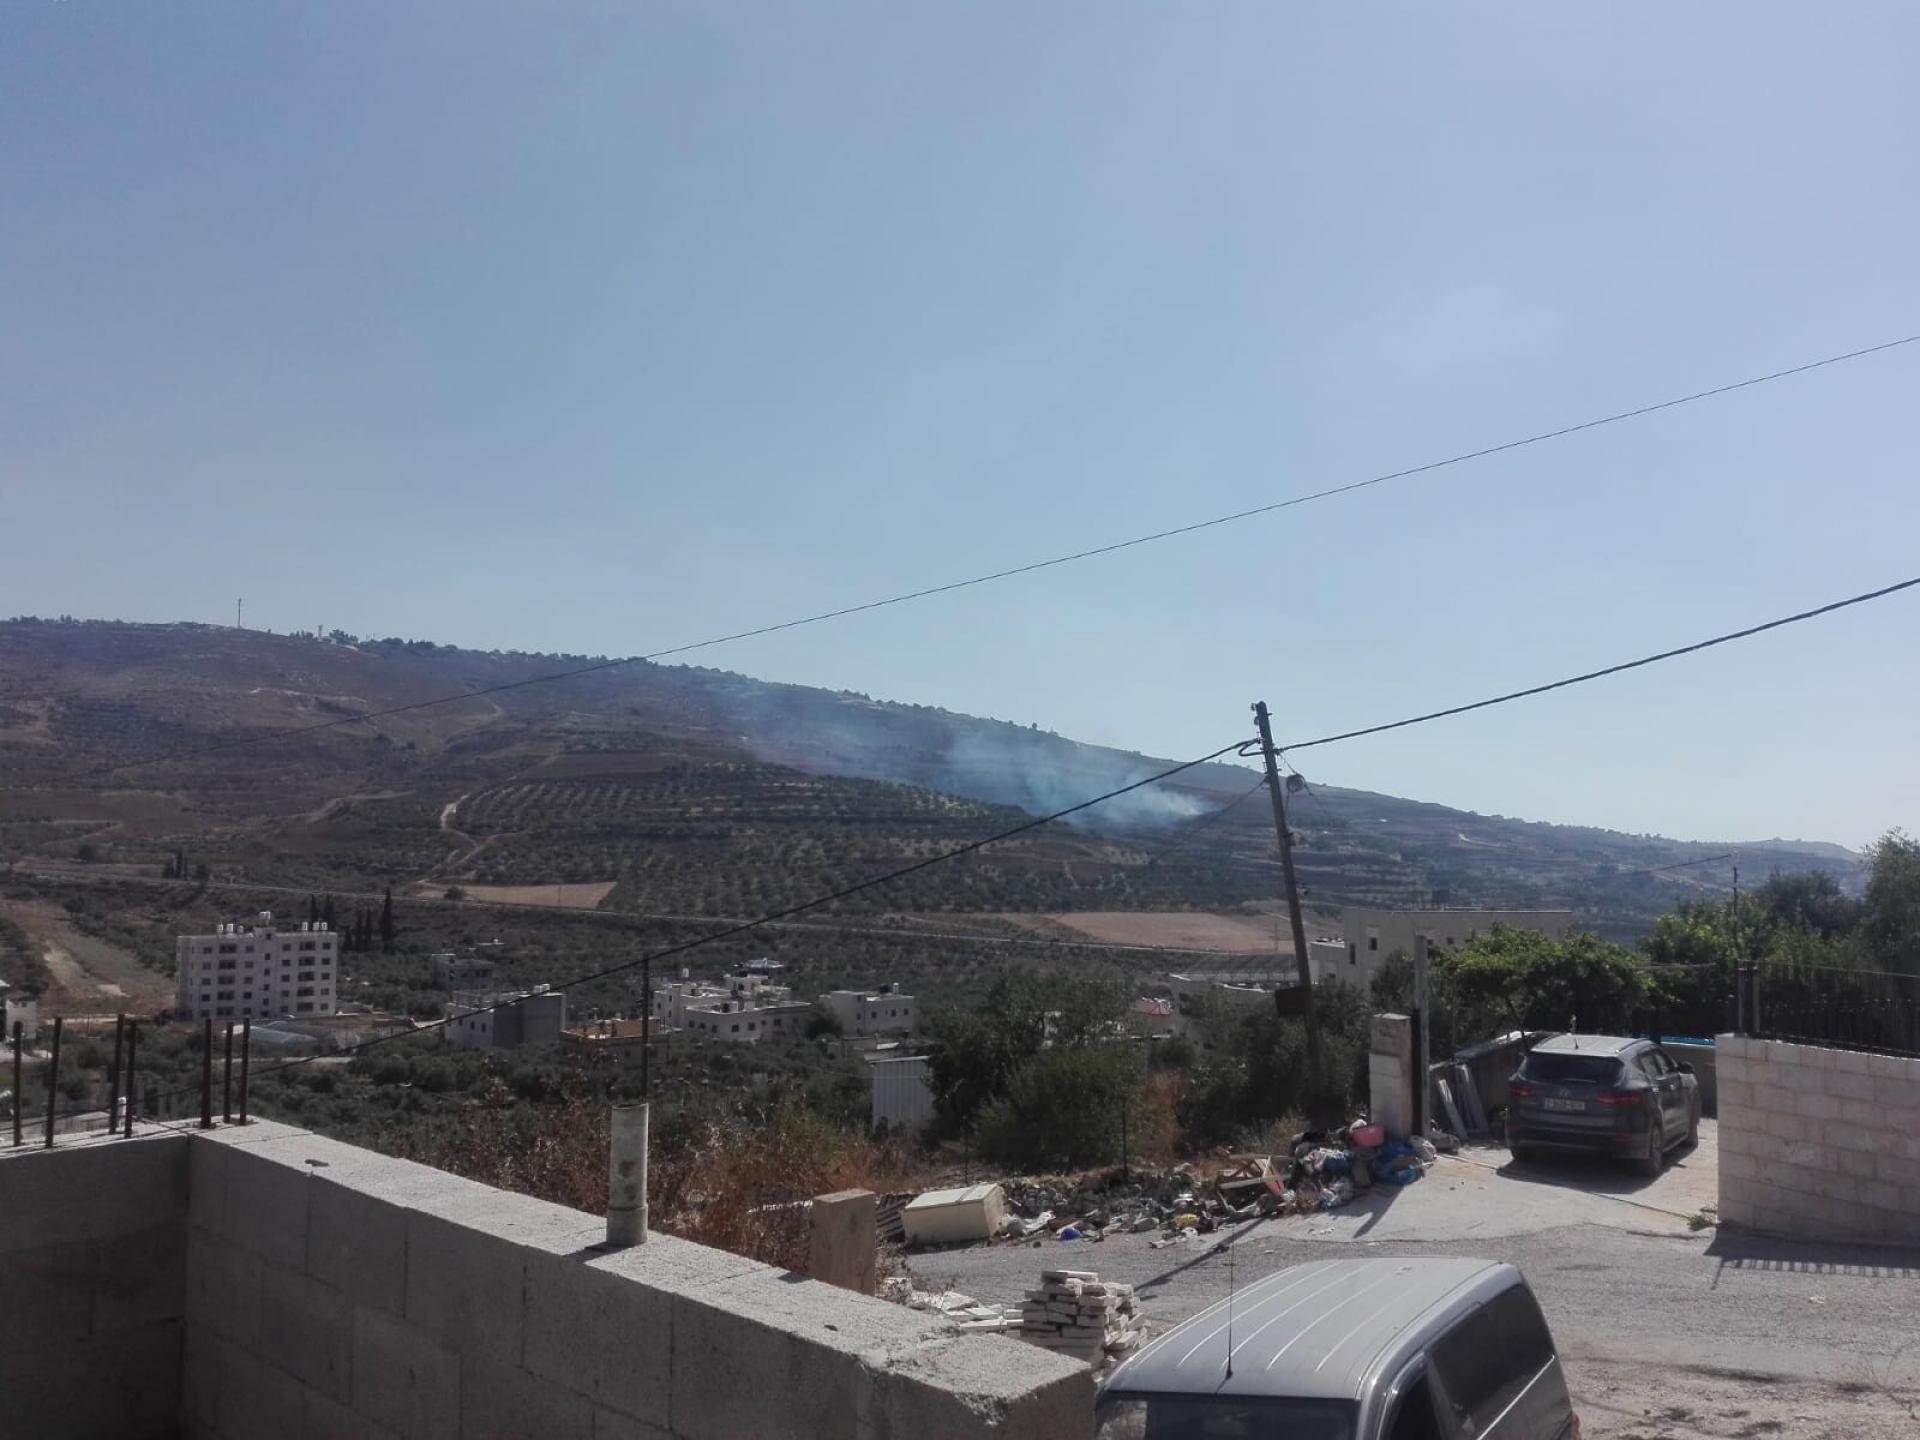 מתנחלים מיצהר הציתו אש בג'בל סלמאן